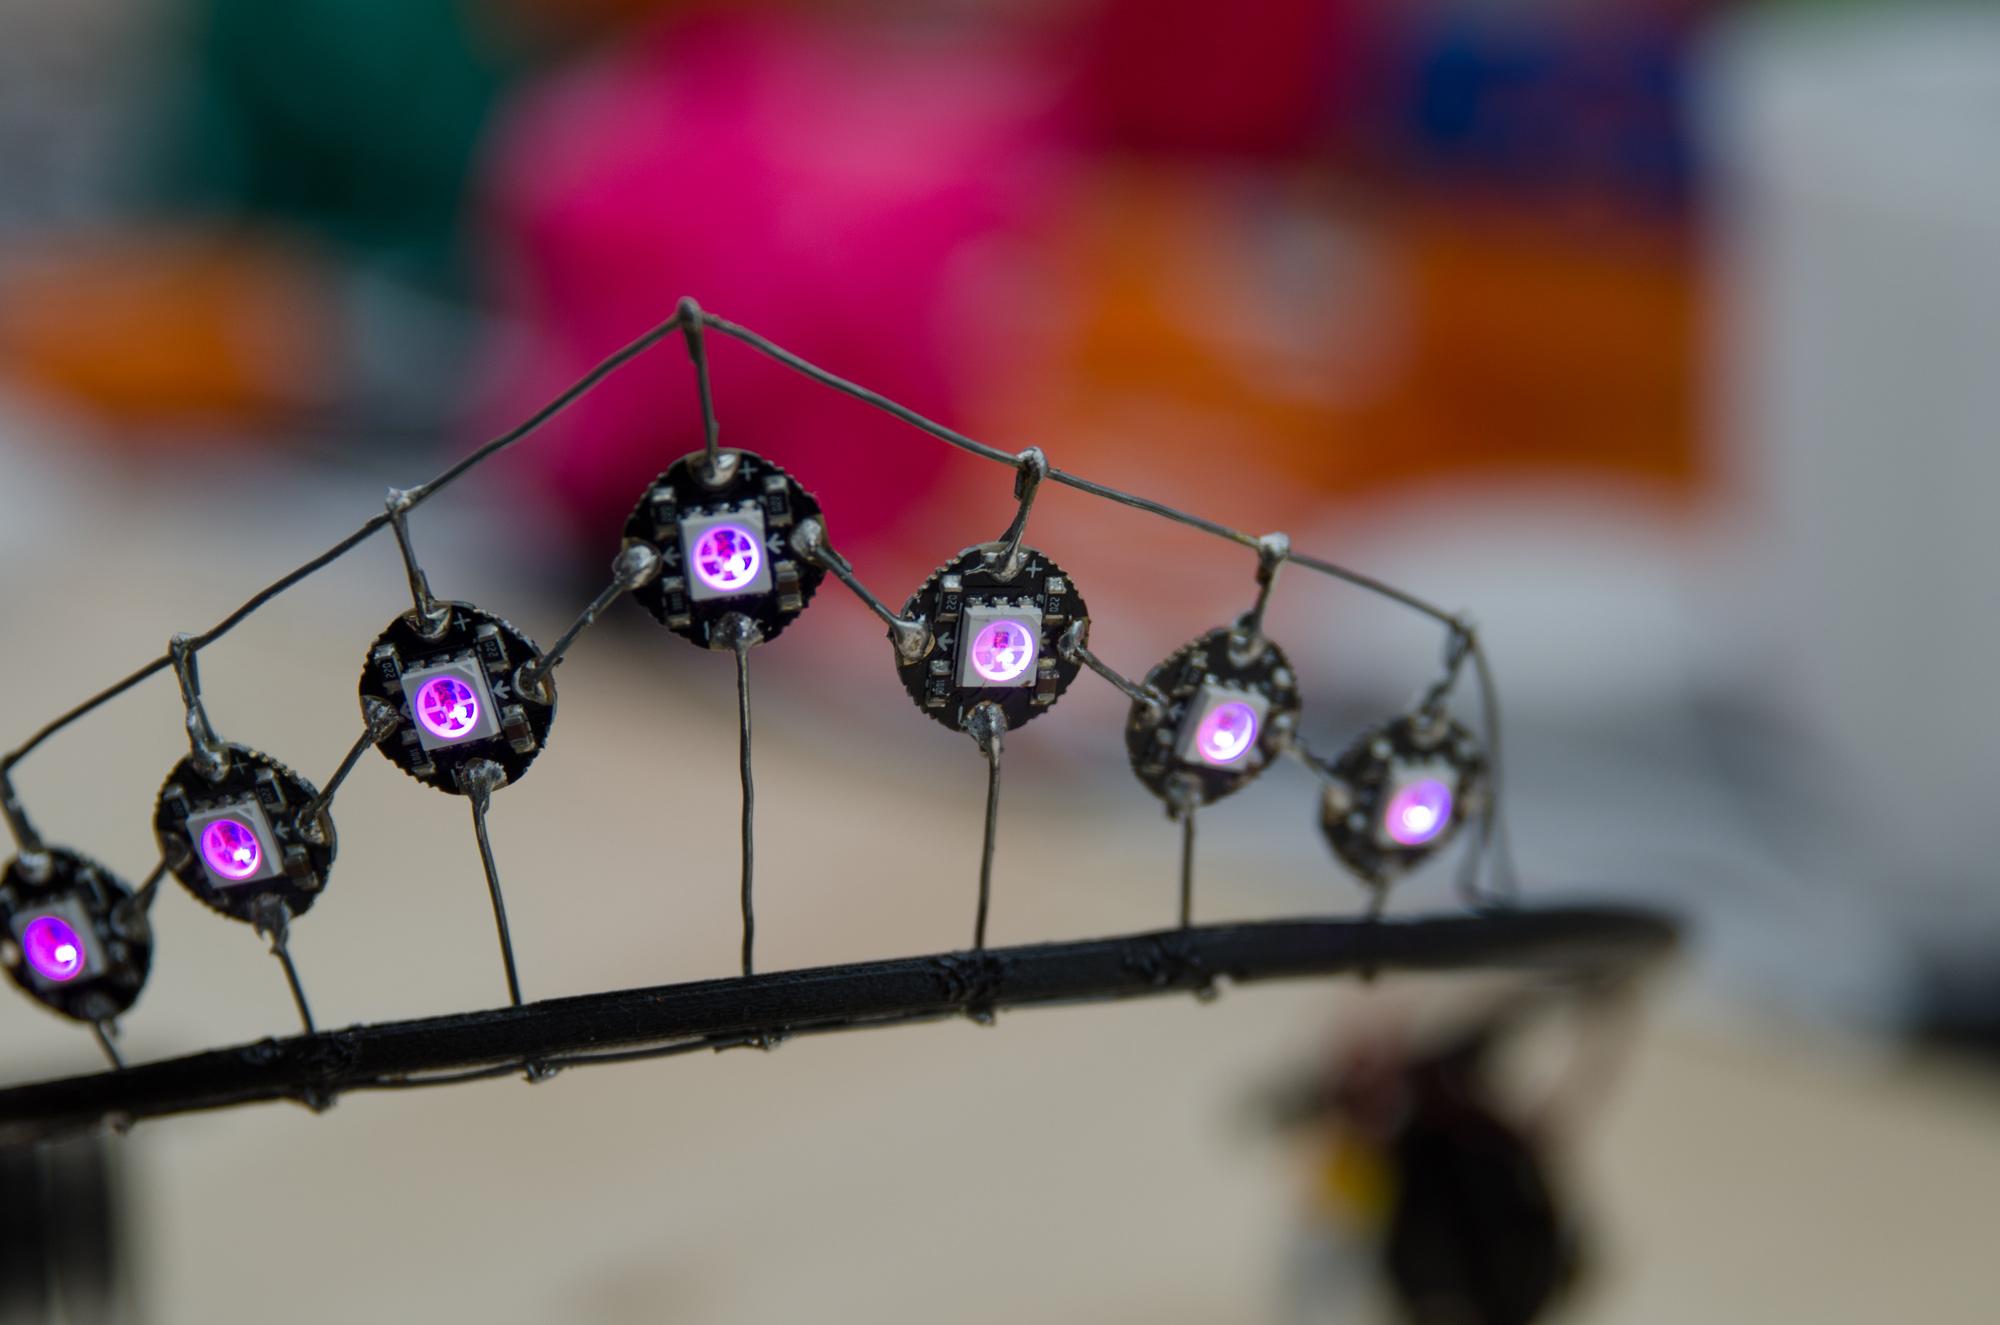 Tovahs egentillverkade diadem med intelligent ledbelysning som hon själv lött ihop! Ett bra exempel vad man kan göra på Luleå Makerspace!